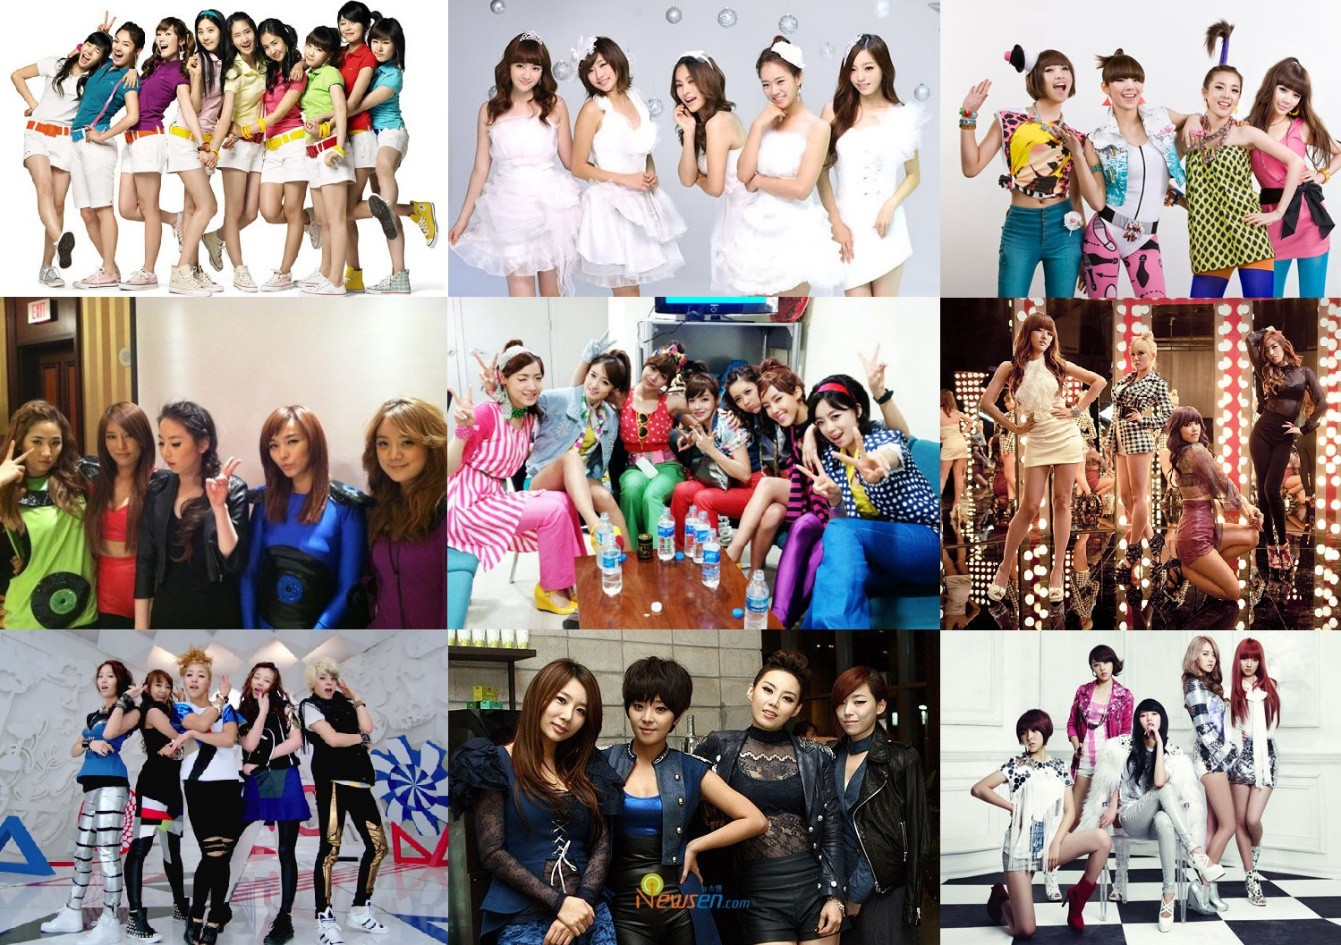 Không phải cái tên thành công nhất thế hệ 2 nhưng đây là điều Apink hơn các nhóm nhạc nữ cùng thời - Ảnh 1.